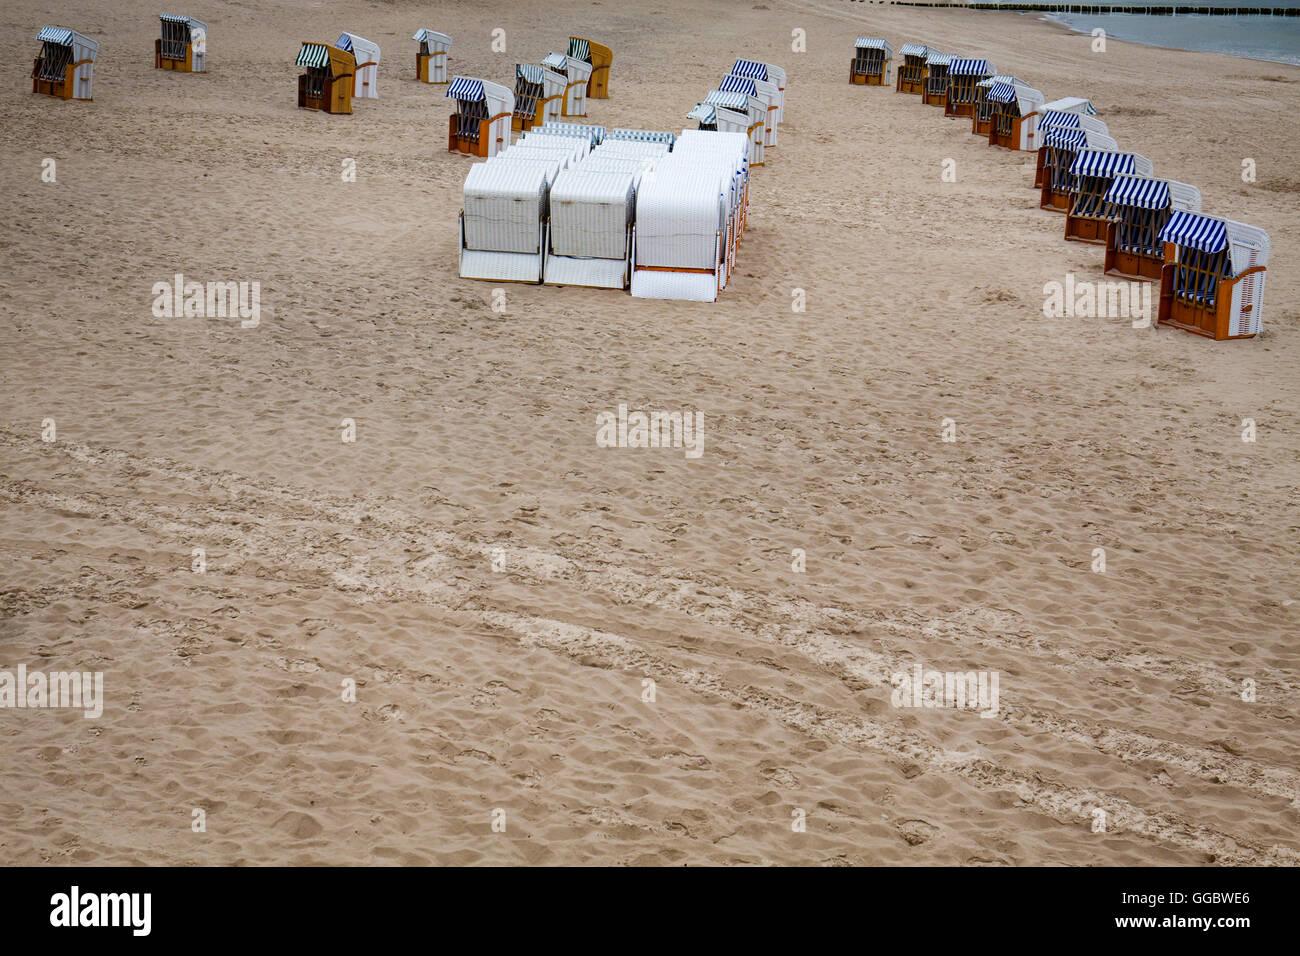 Strandkorb vor Beginn der Saison. Stockbild